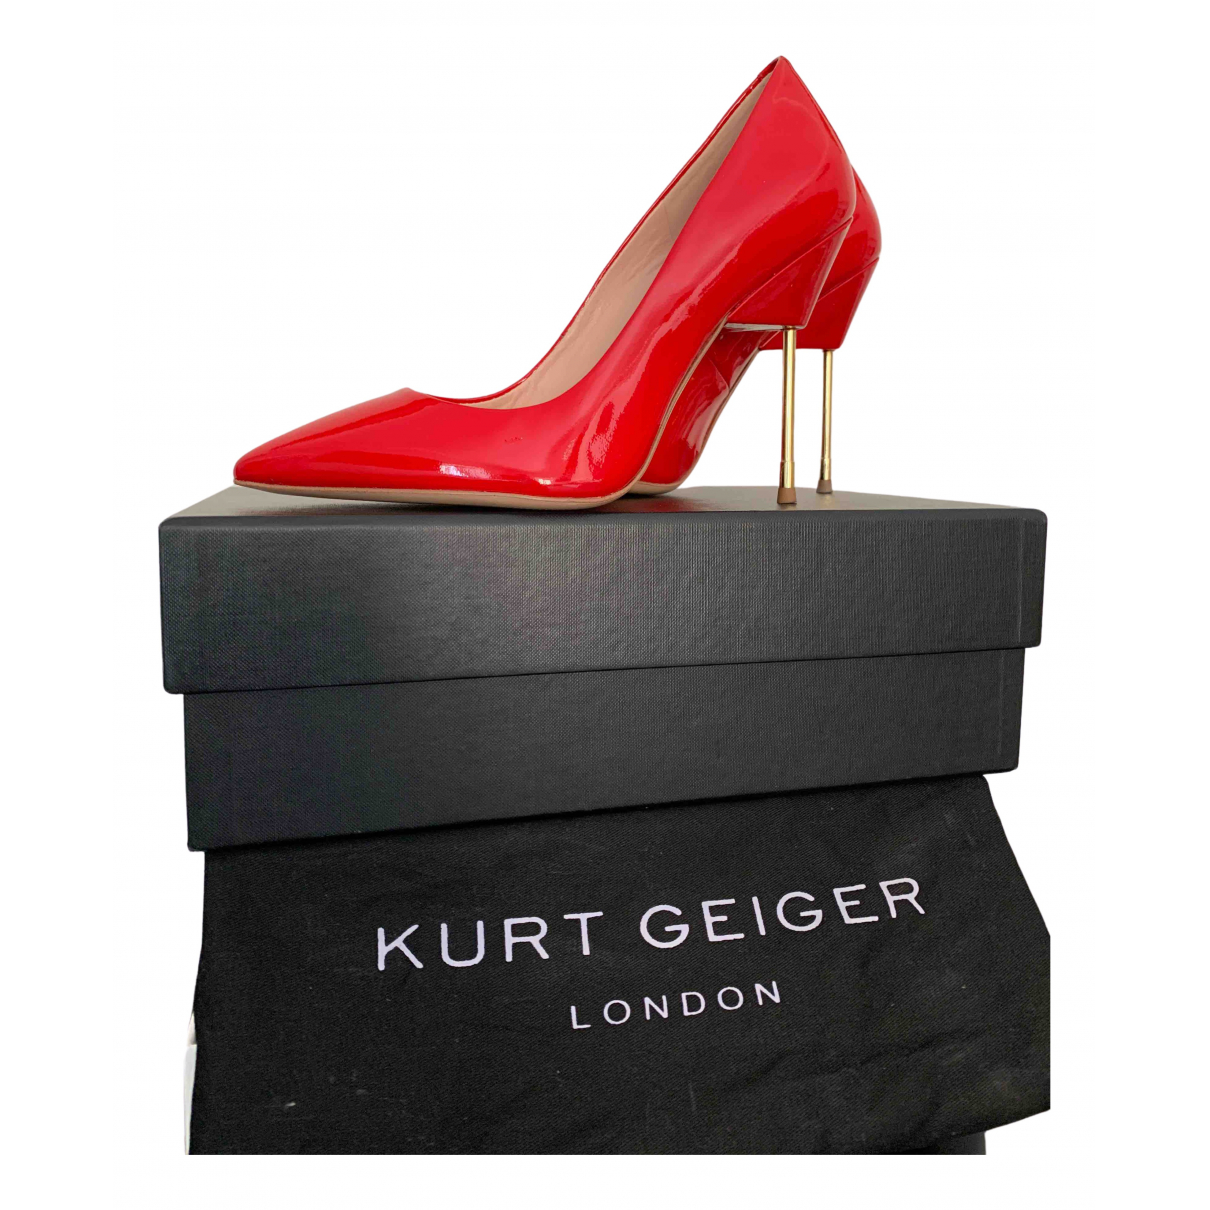 Kurt Geiger \N Pumps in  Rot Lackleder